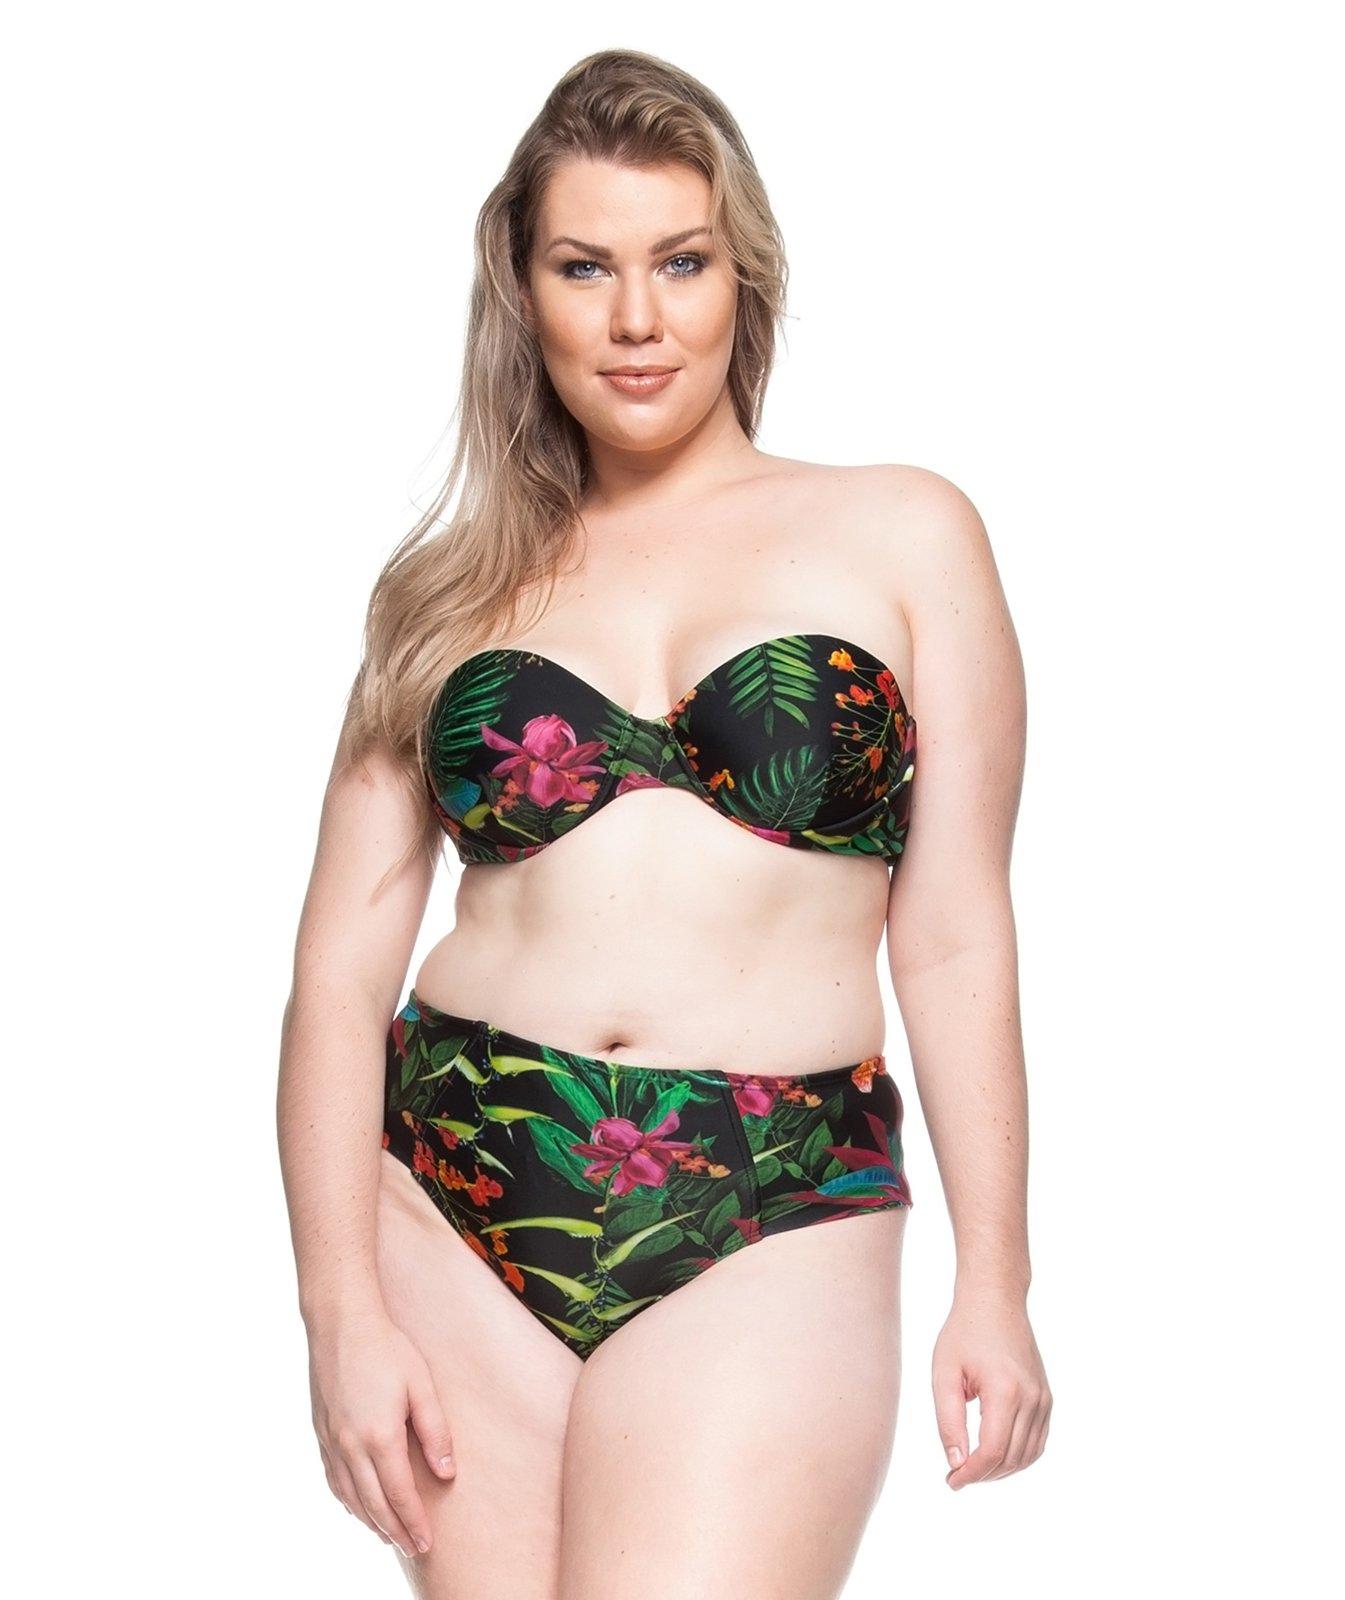 buy popular 29c8e a5ace Bandeau-bikini, Große Größen, Tropenprint - Praia De Guadalupe